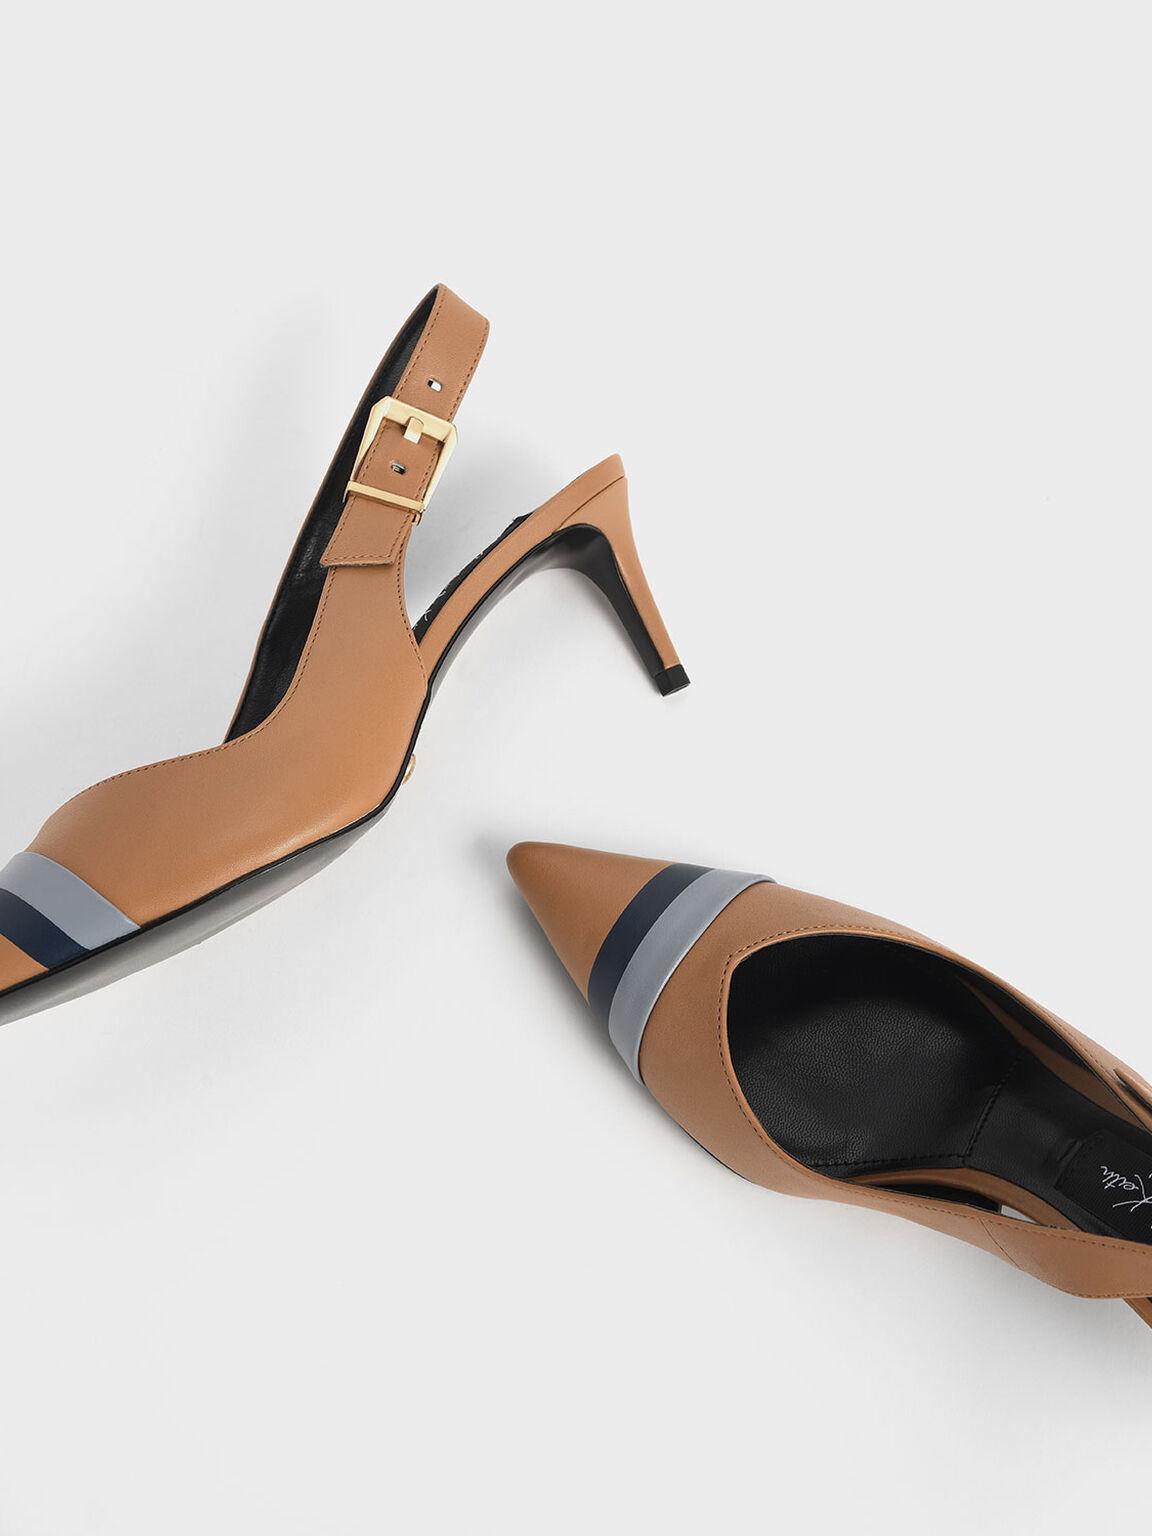 Striped Leather Slingback Heels, Caramel, hi-res